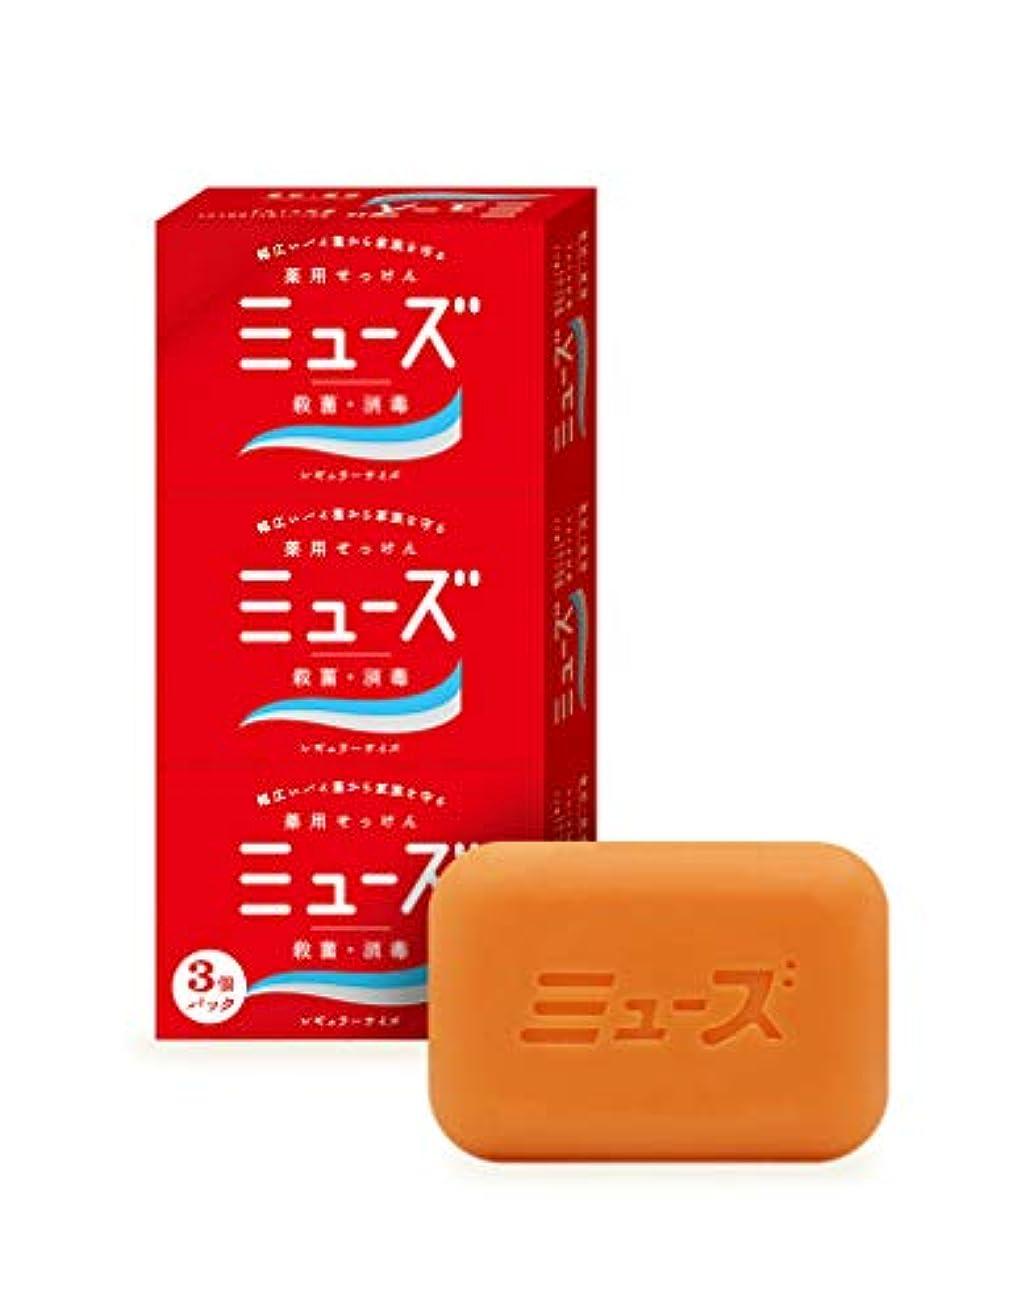 バッジ平等ナンセンス【医薬部外品】ミューズ石鹸 レギュラー 95g×3個パック